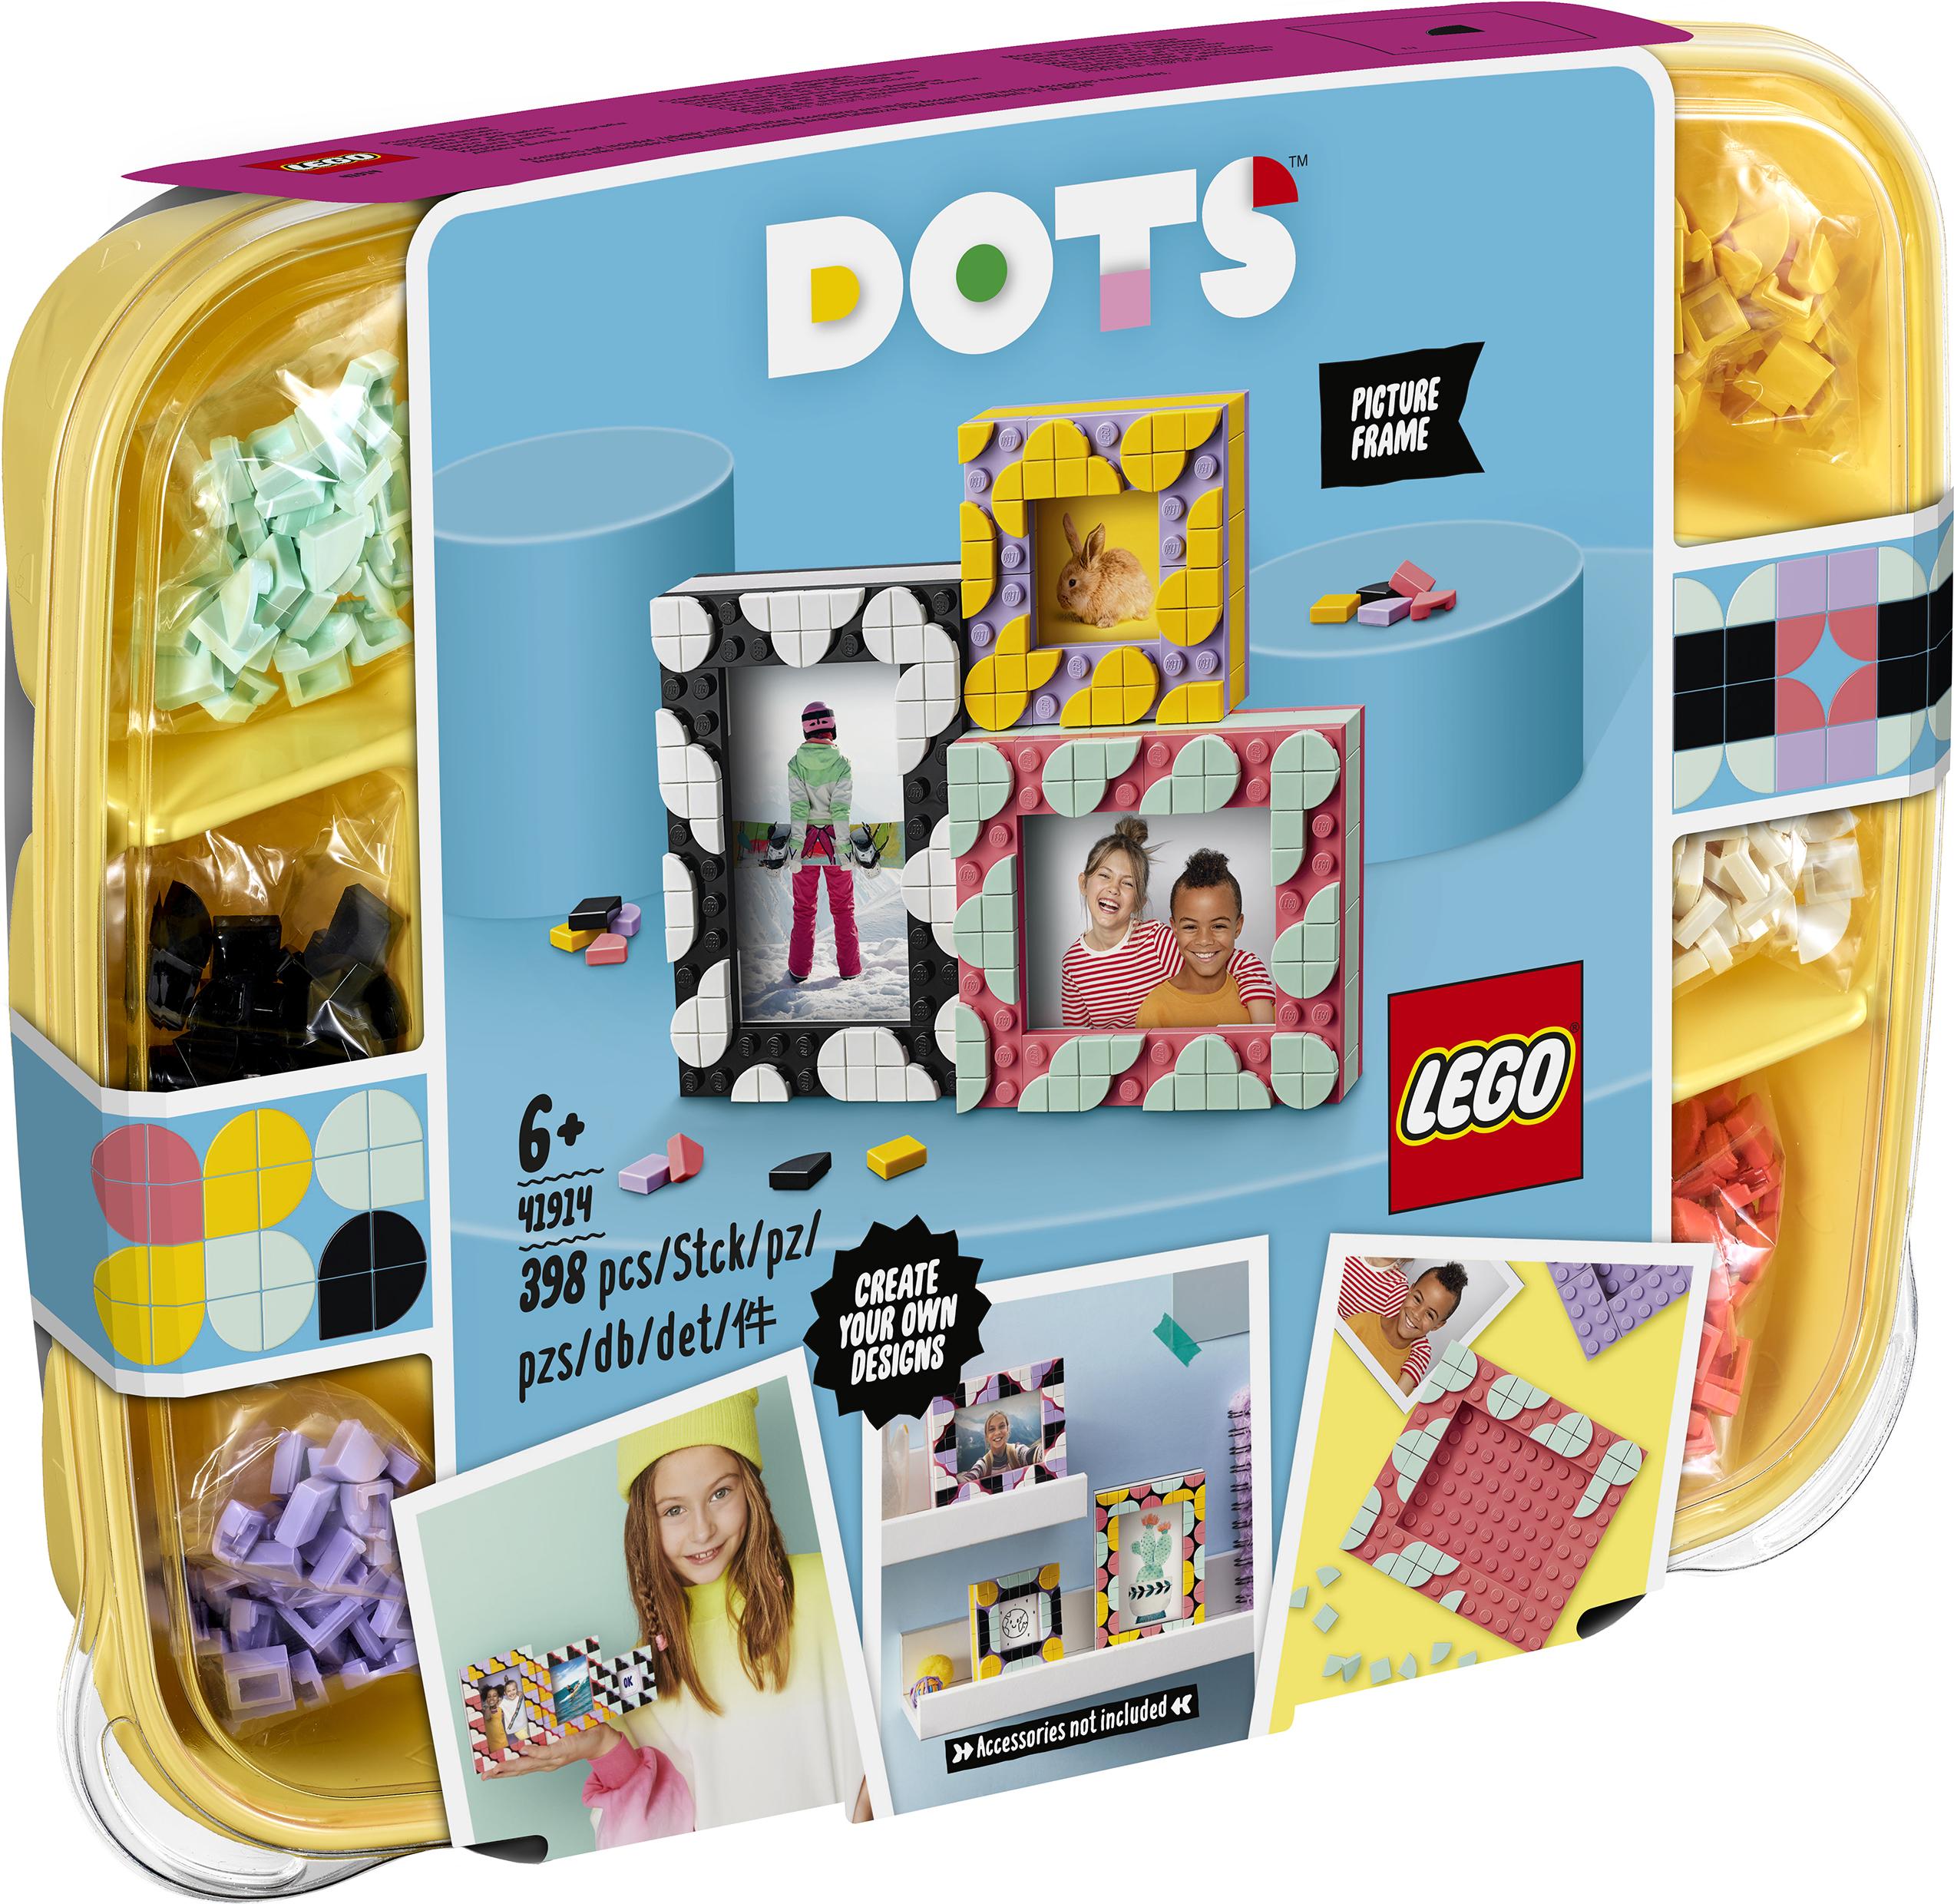 LEGO DOTS Kreative billedrammer - 41914